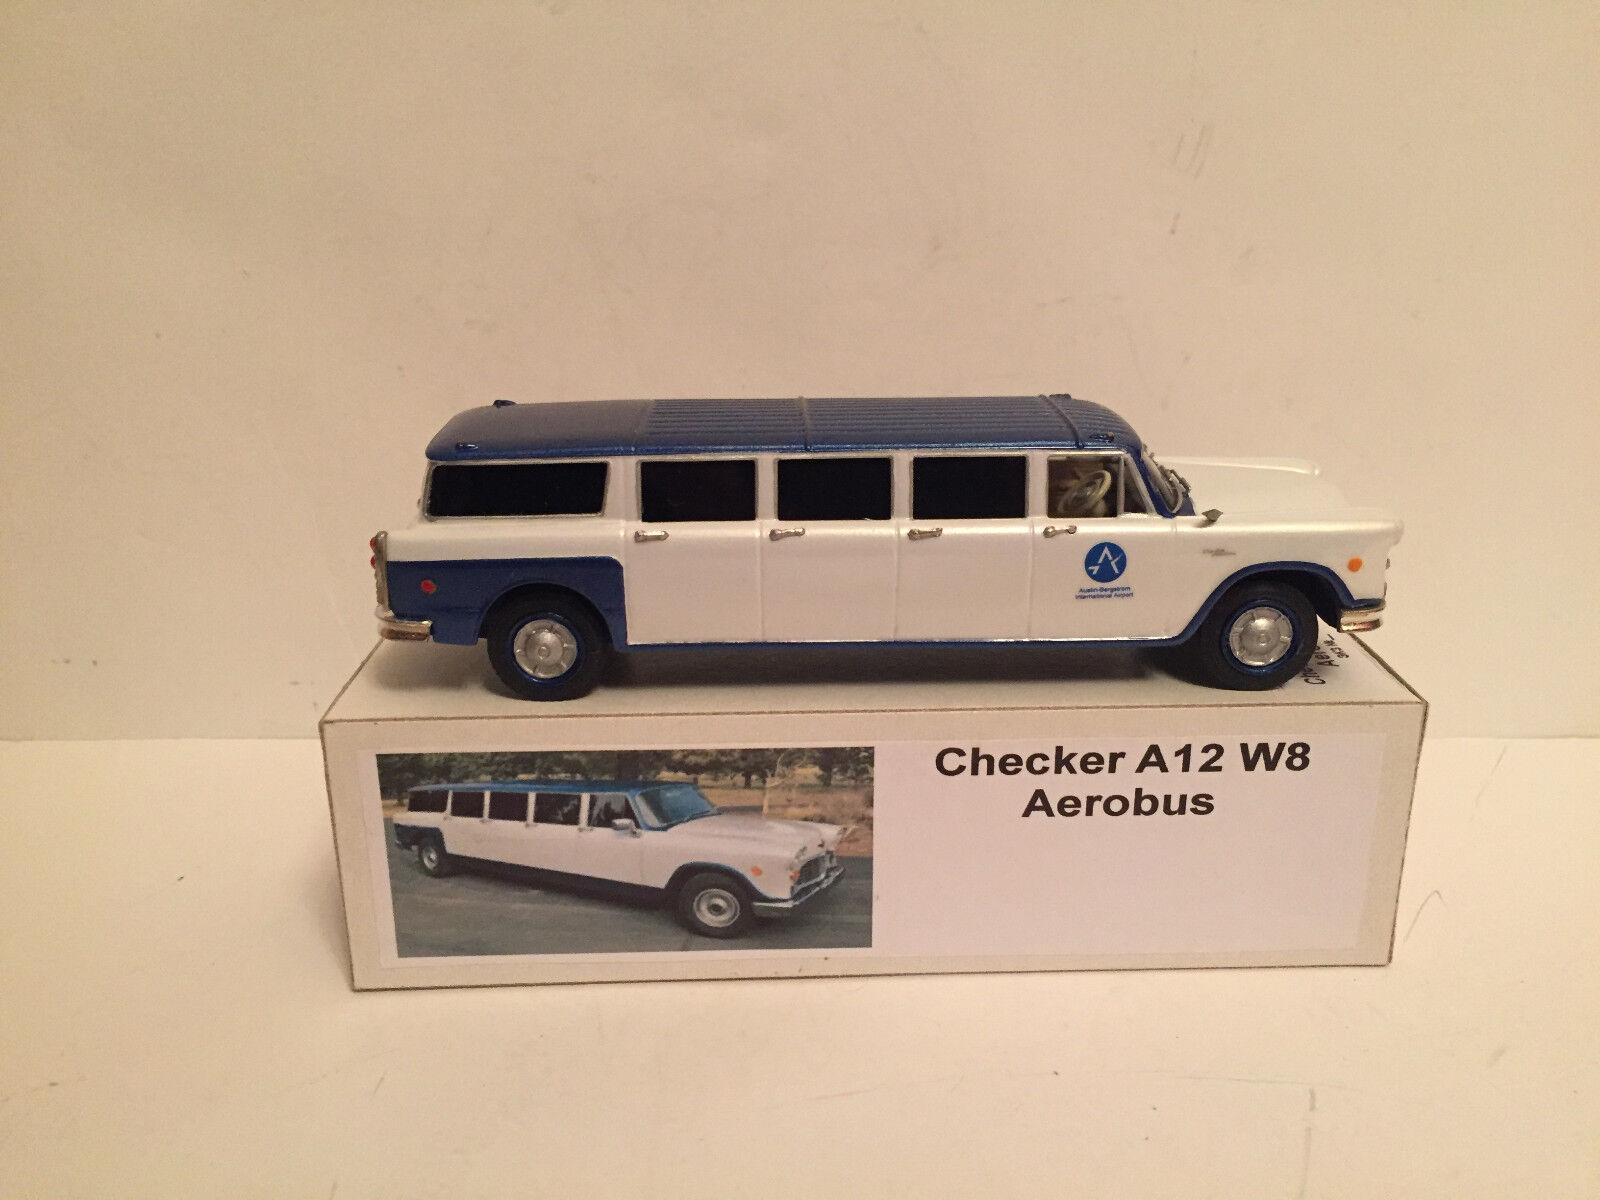 1 43 1960's Checker A12 W8 Aerobus Stretch Limousine    Handmade